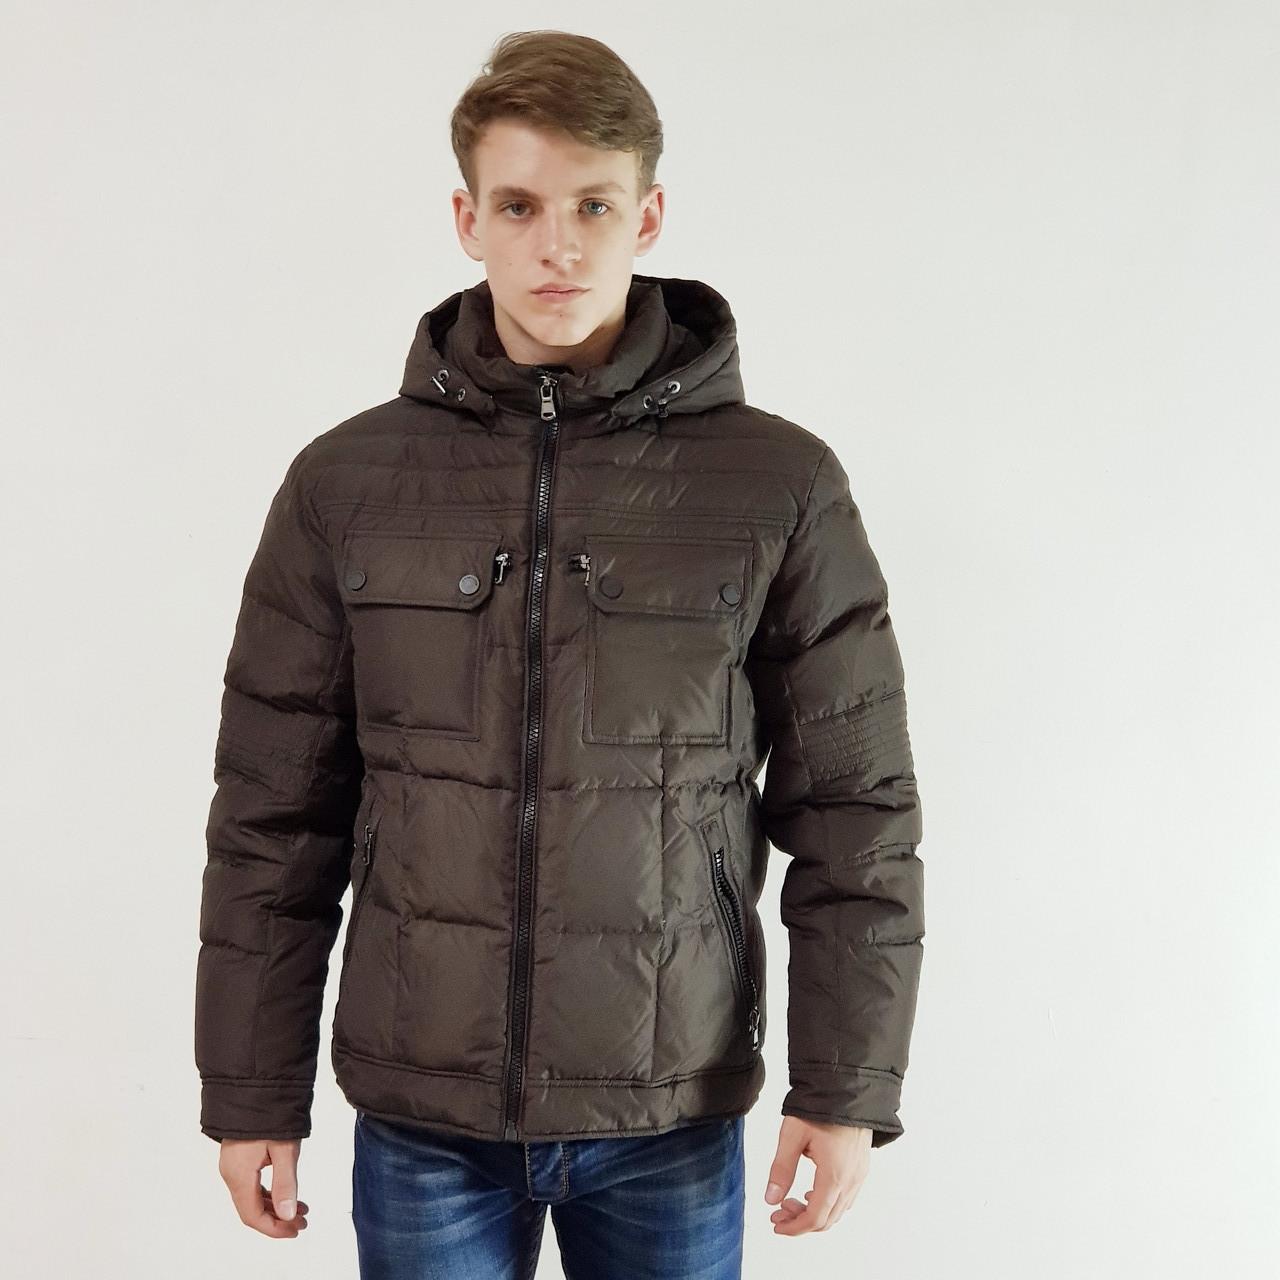 Куртка мужская зимняя Snowimage с капюшоном 48 коричневый 109A-4195